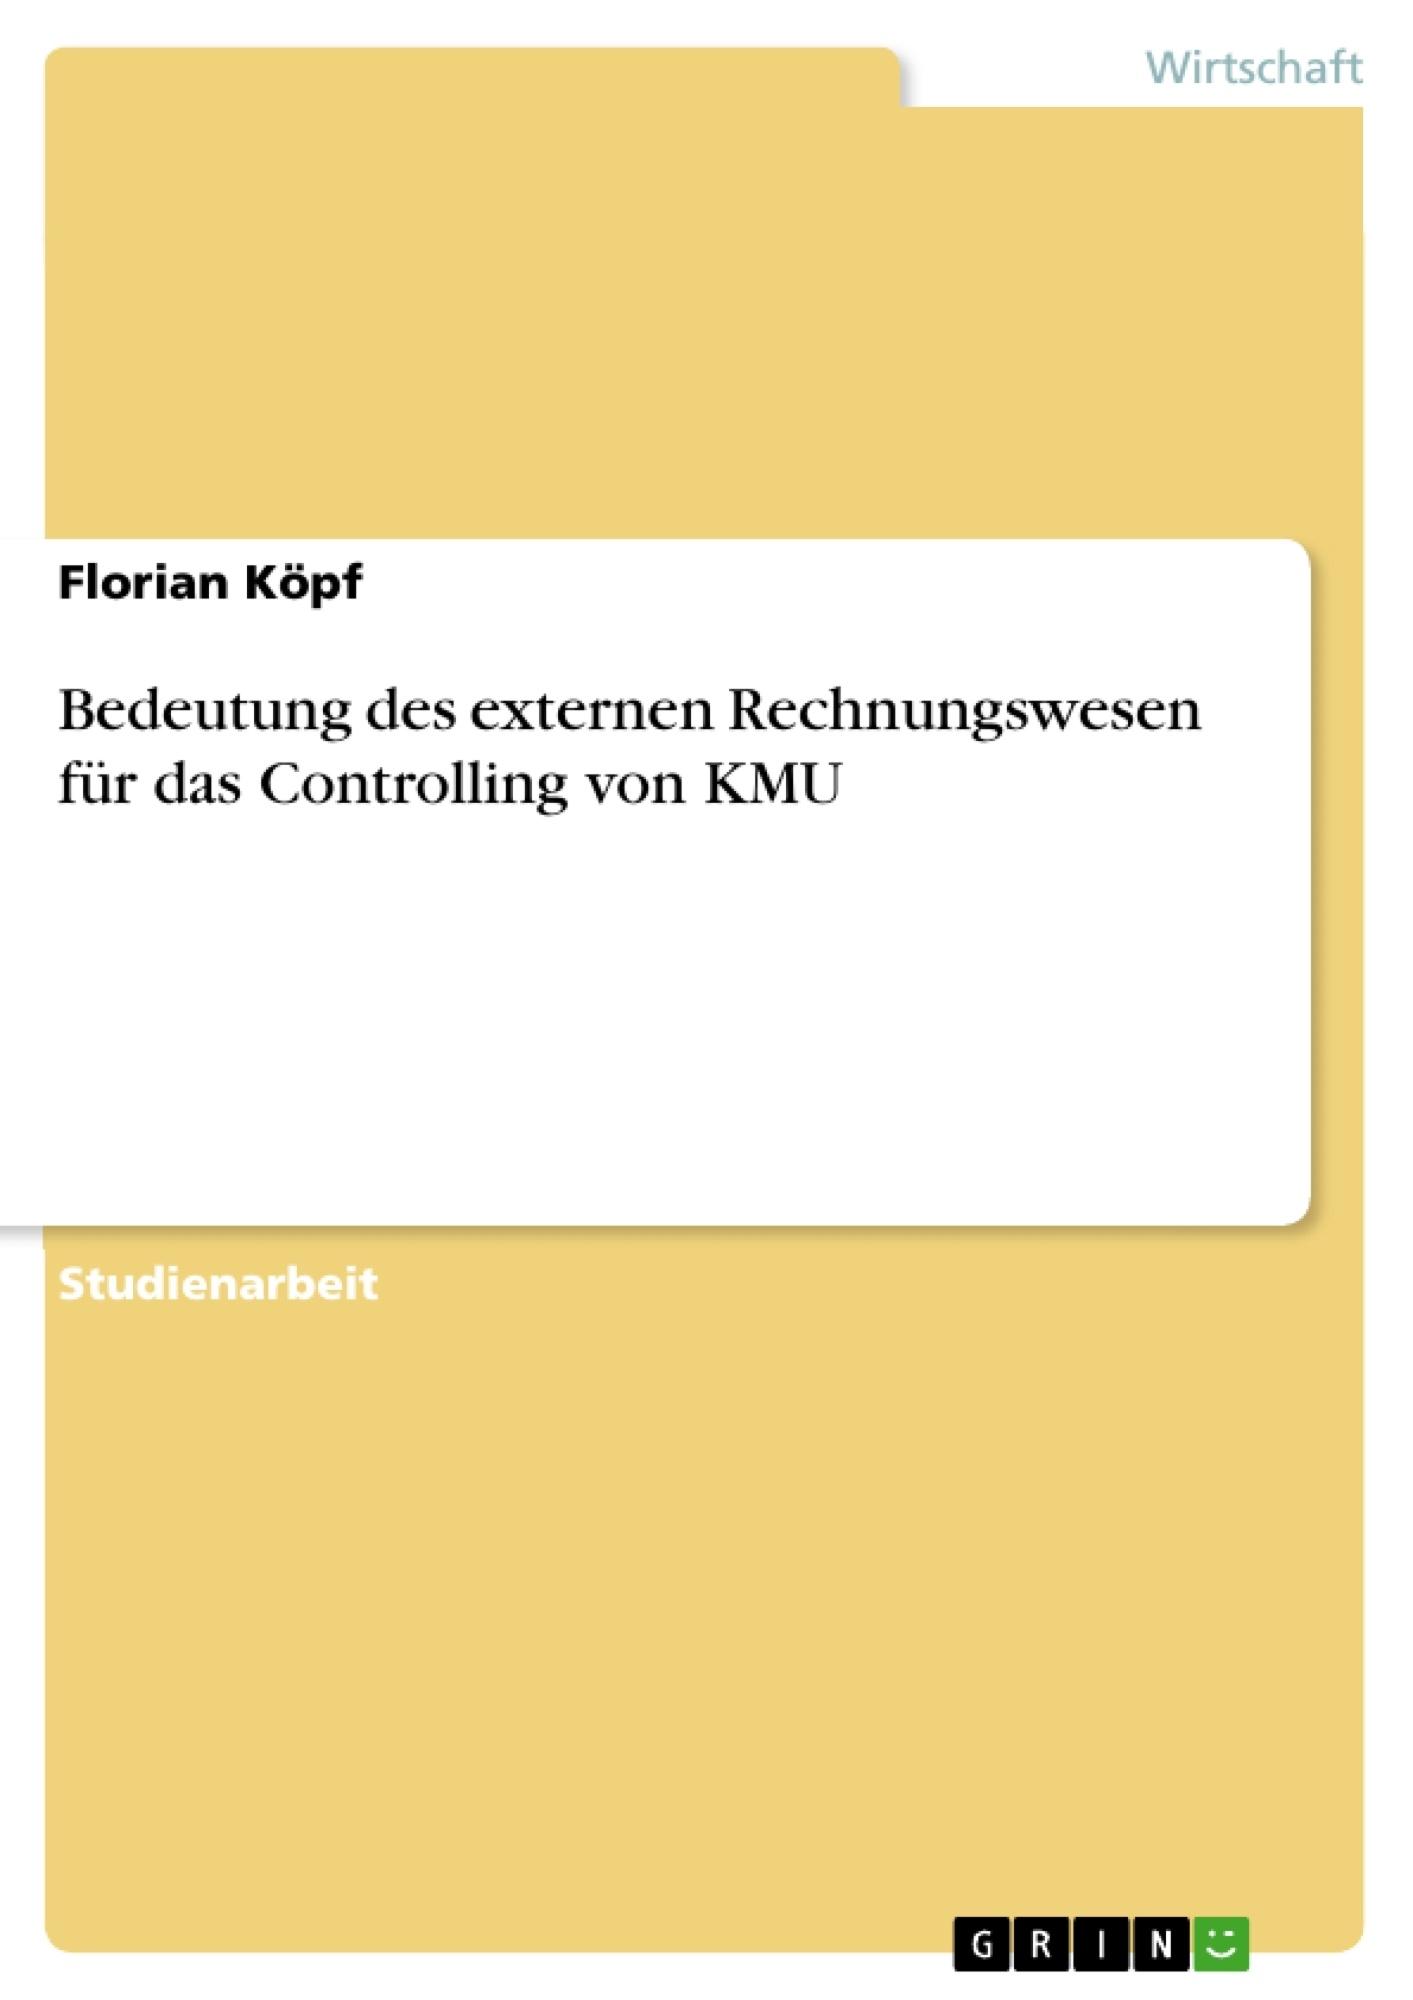 Titel: Bedeutung des externen Rechnungswesen für das Controlling von KMU